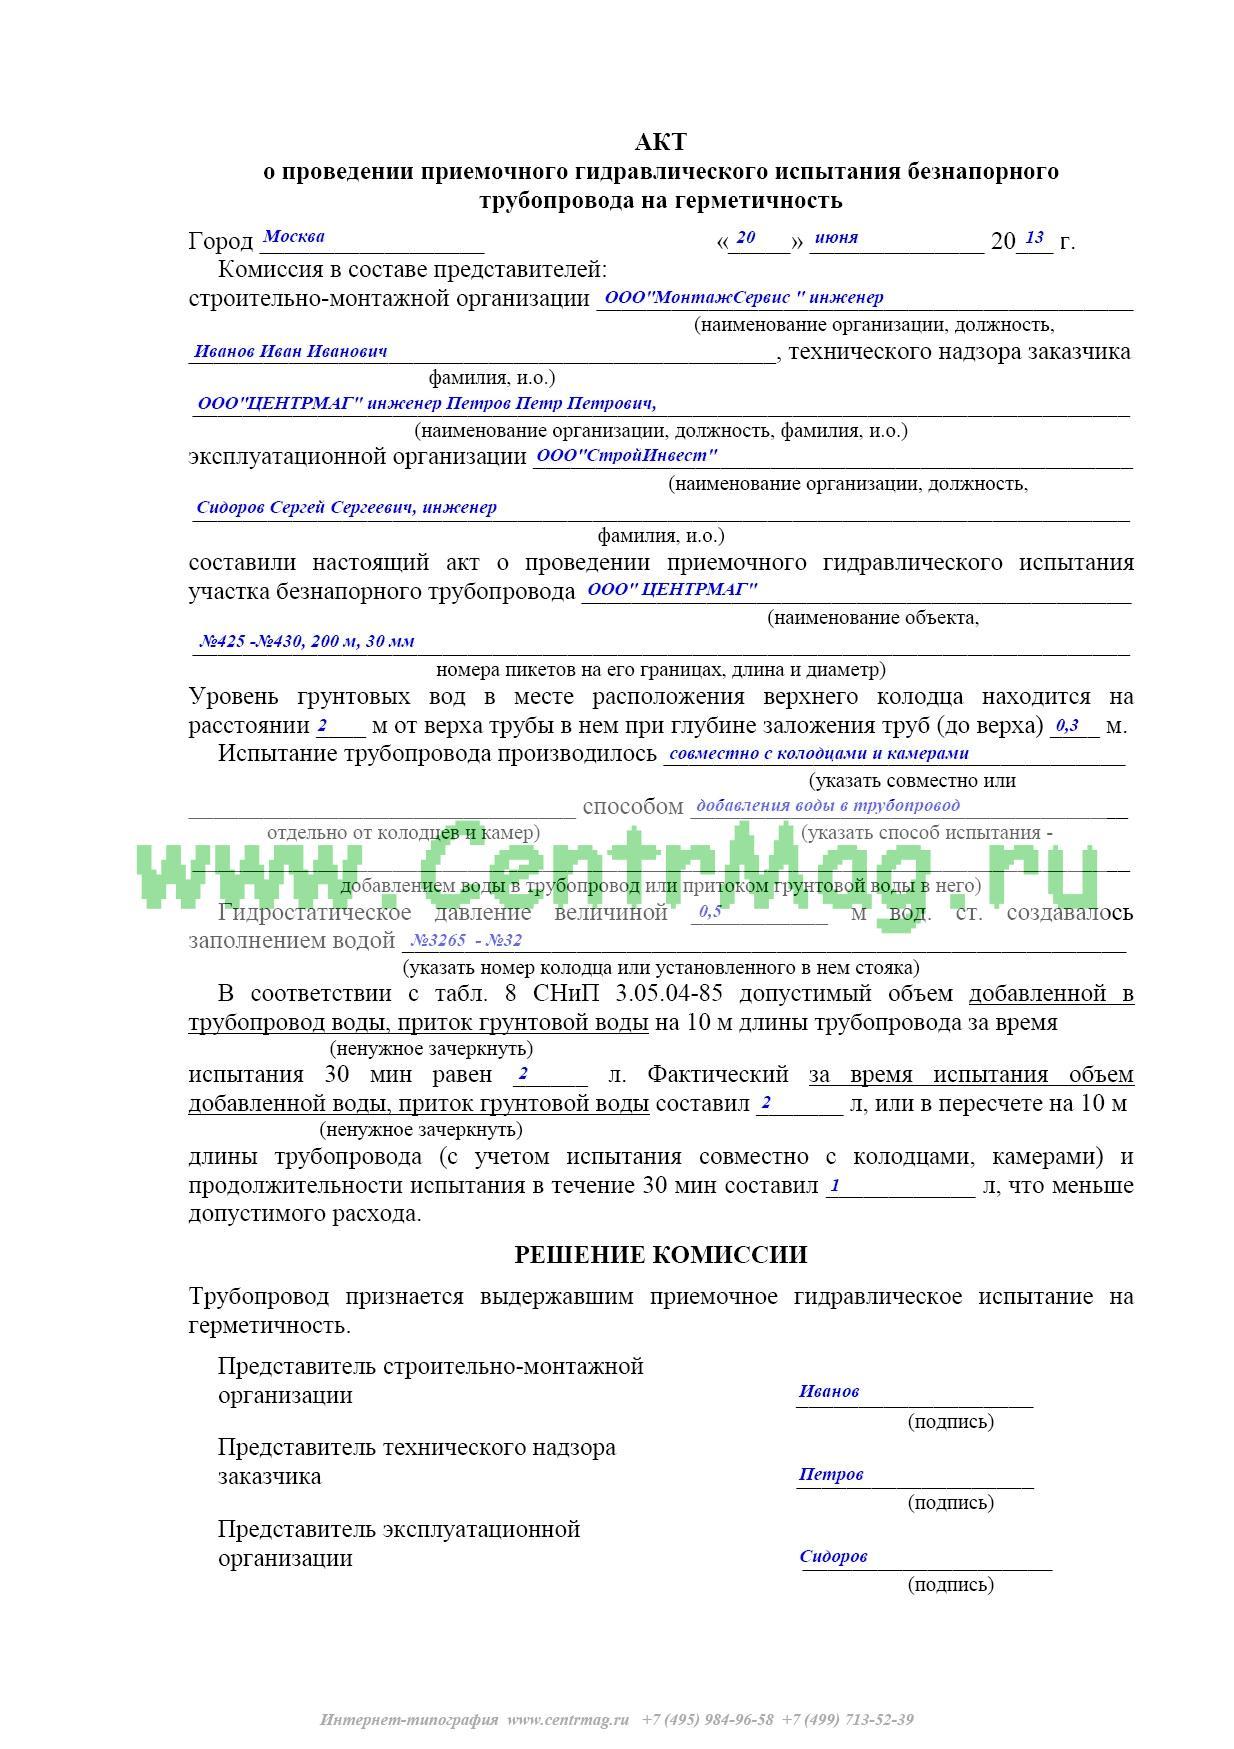 Пример заполнения акта о проведении гидравлического испытания безнапорного трубопровода